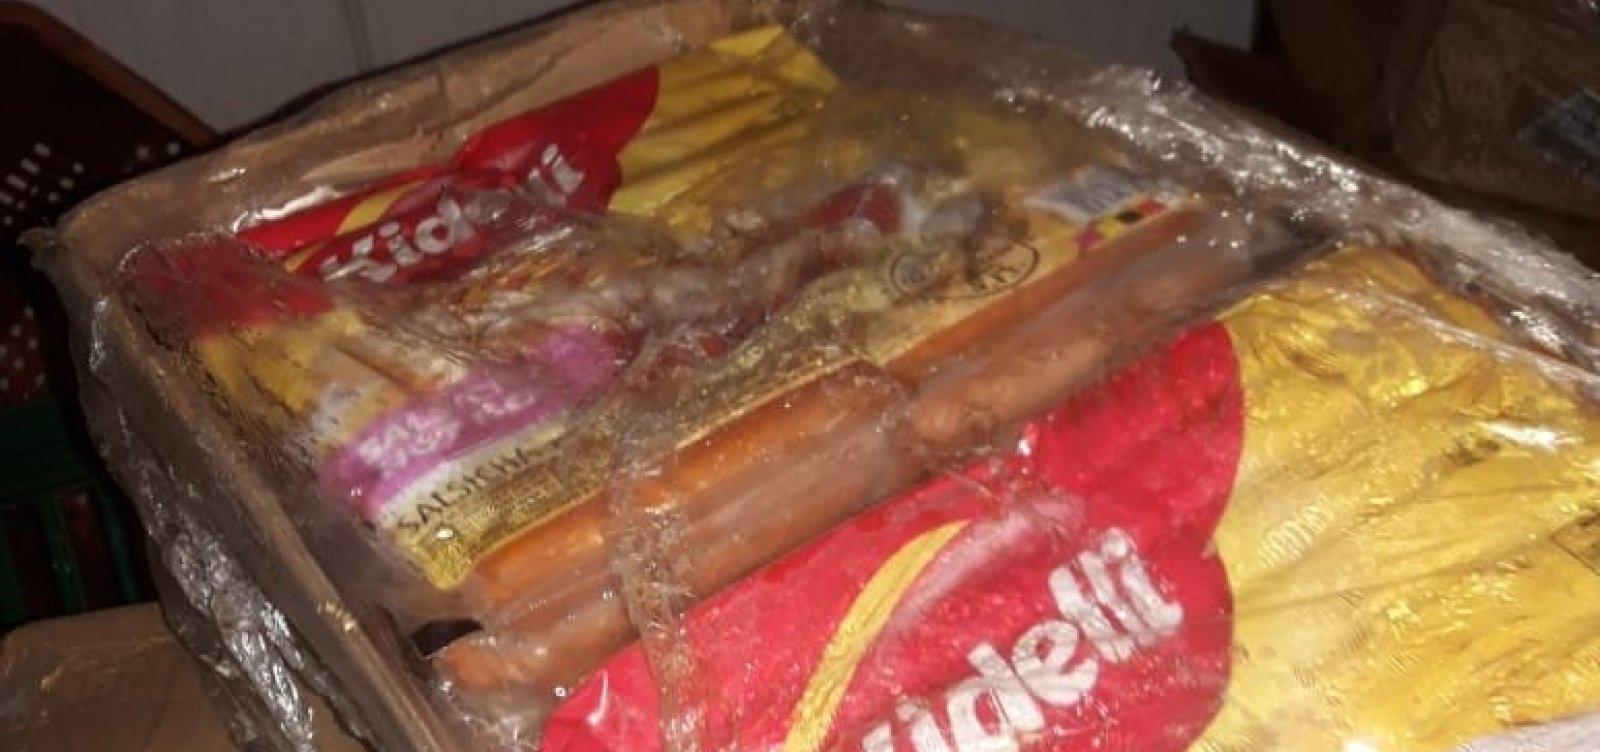 Açougue de Salvador é autuado por estocar 90 kg de salsichas vencidas há mais de um mês